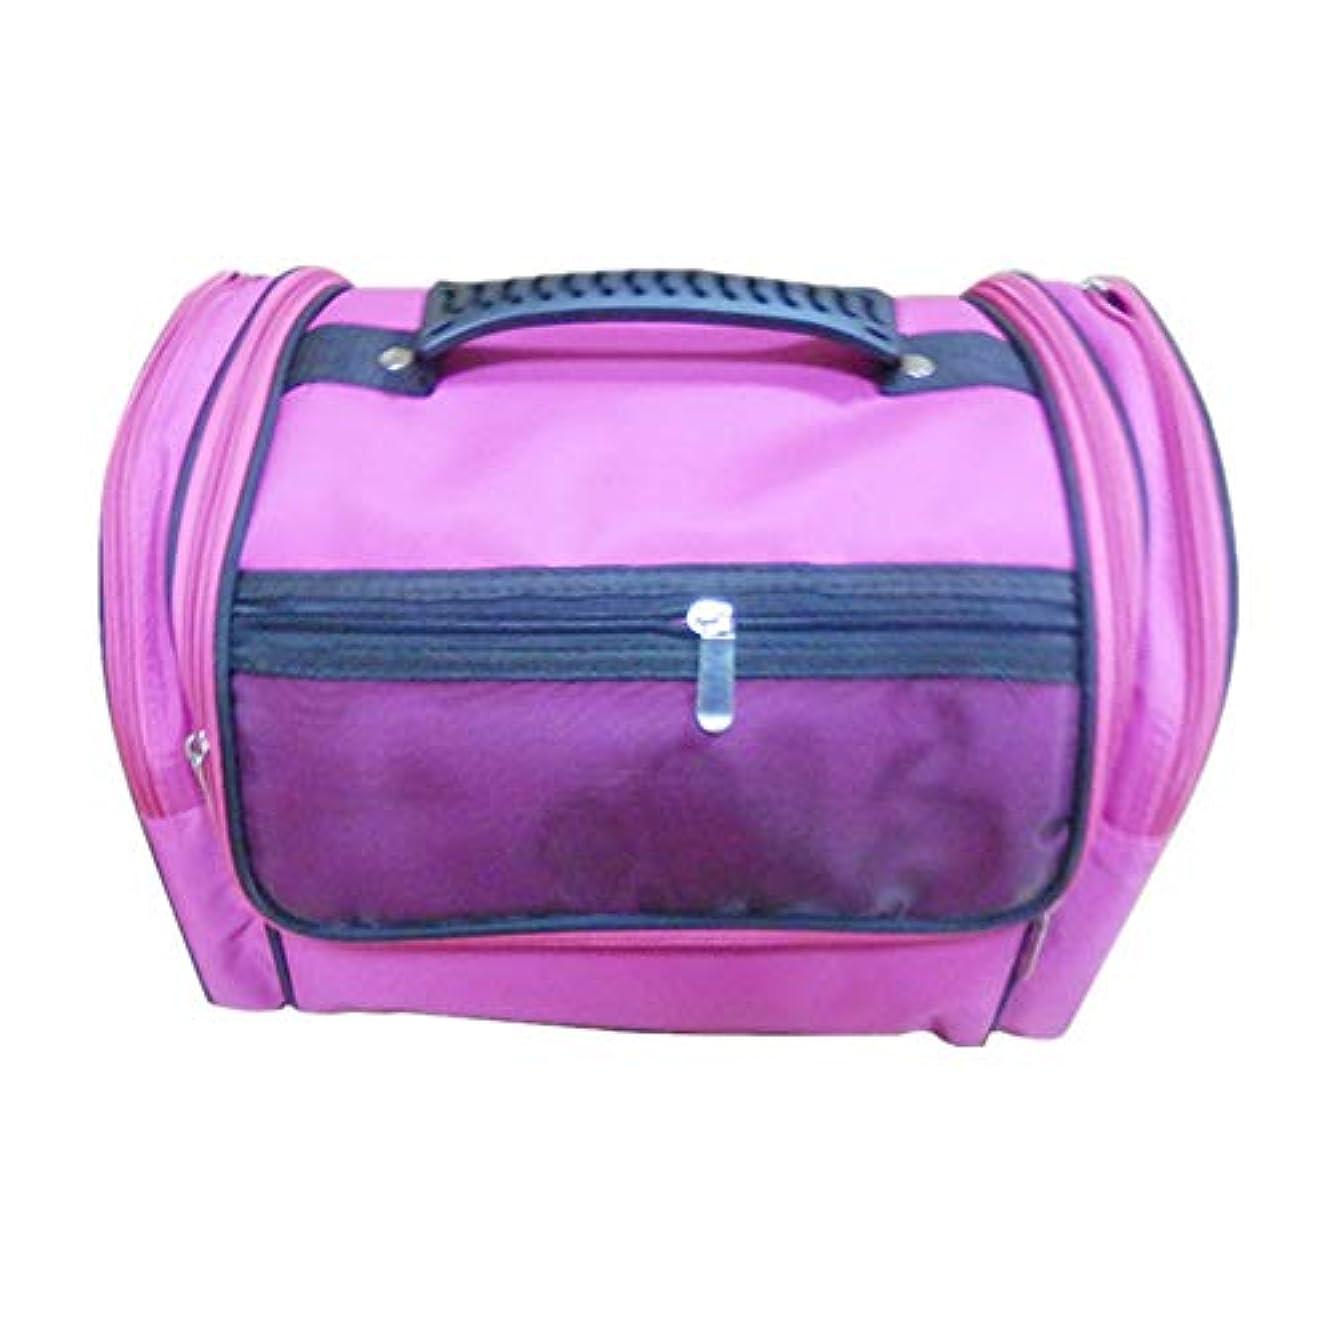 等しいメイド超える化粧オーガナイザーバッグ 高容量カジュアルポータ??ブルキャンバス化粧品バッグ旅行のための美容メイクアップとジッパーで毎日のストレージ 化粧品ケース